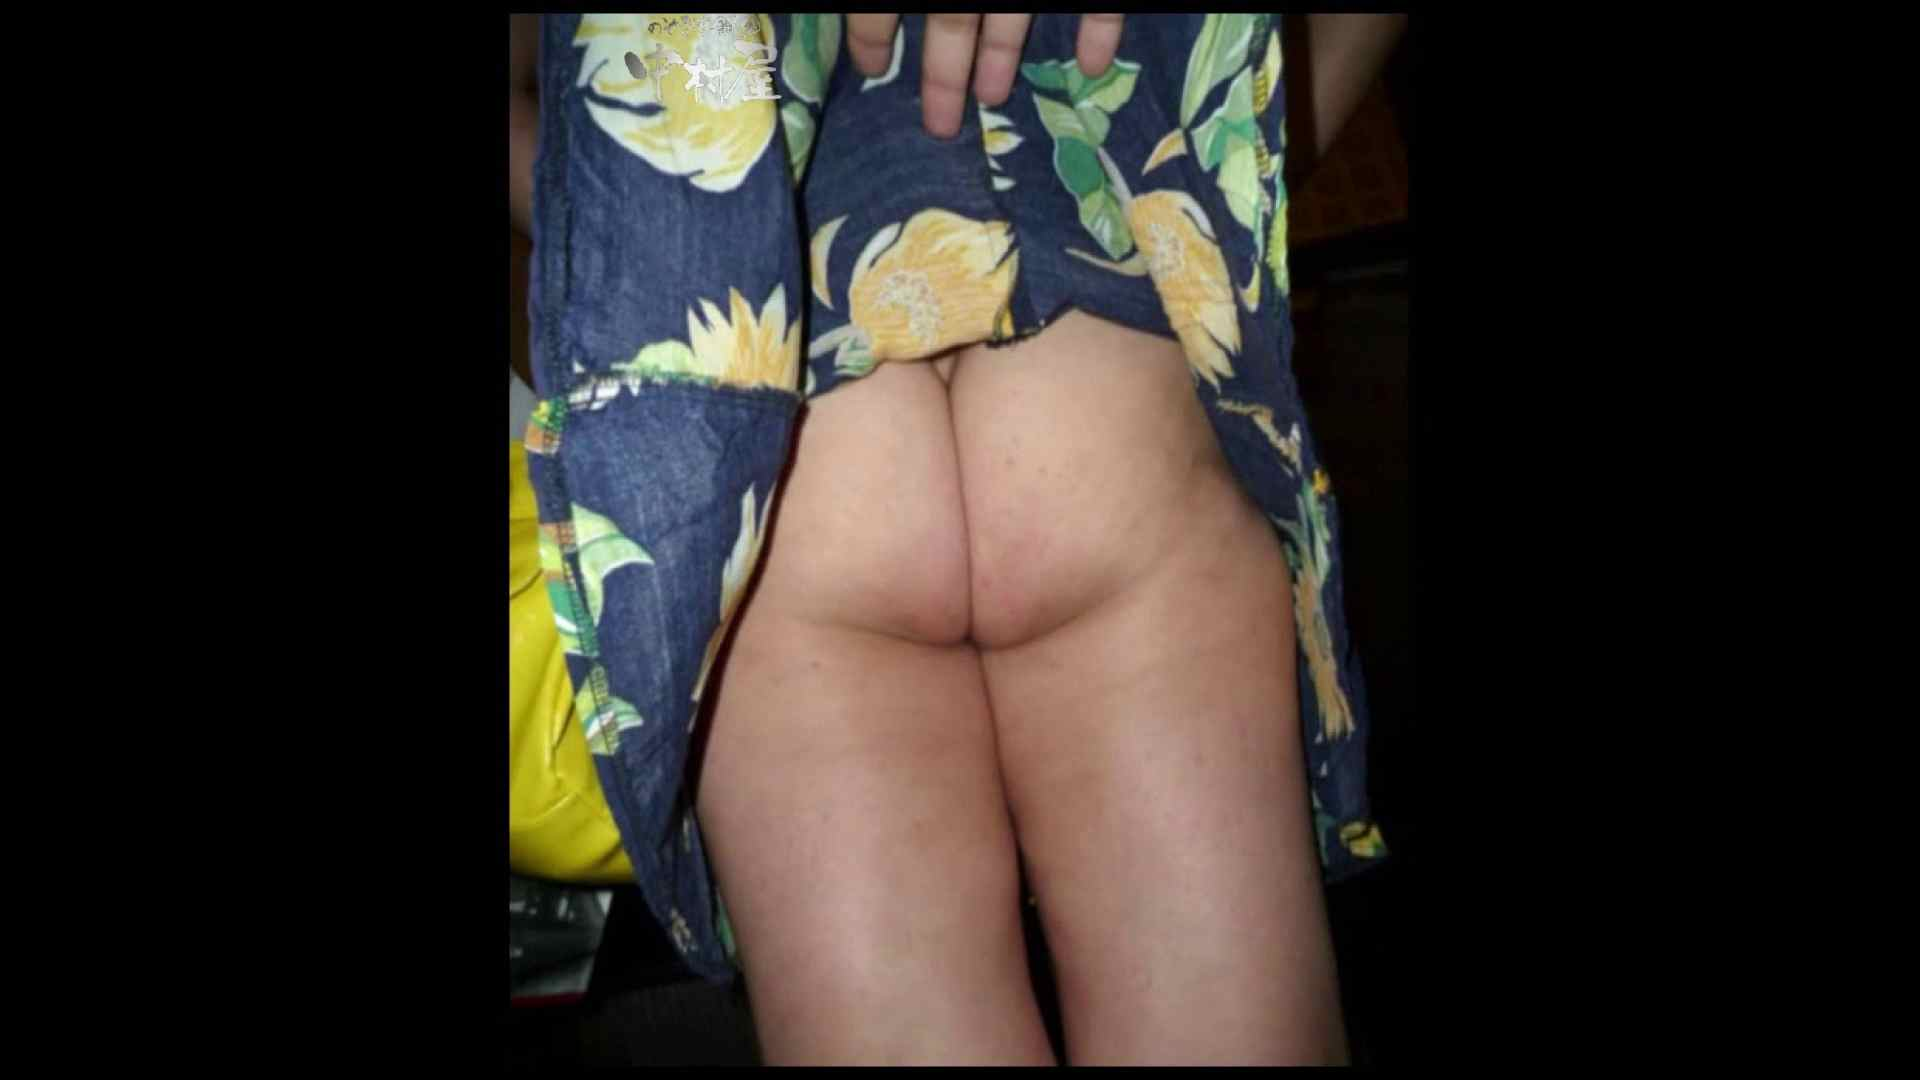 綺麗なモデルさんのスカート捲っちゃおう‼ vol29 0  68pic 32